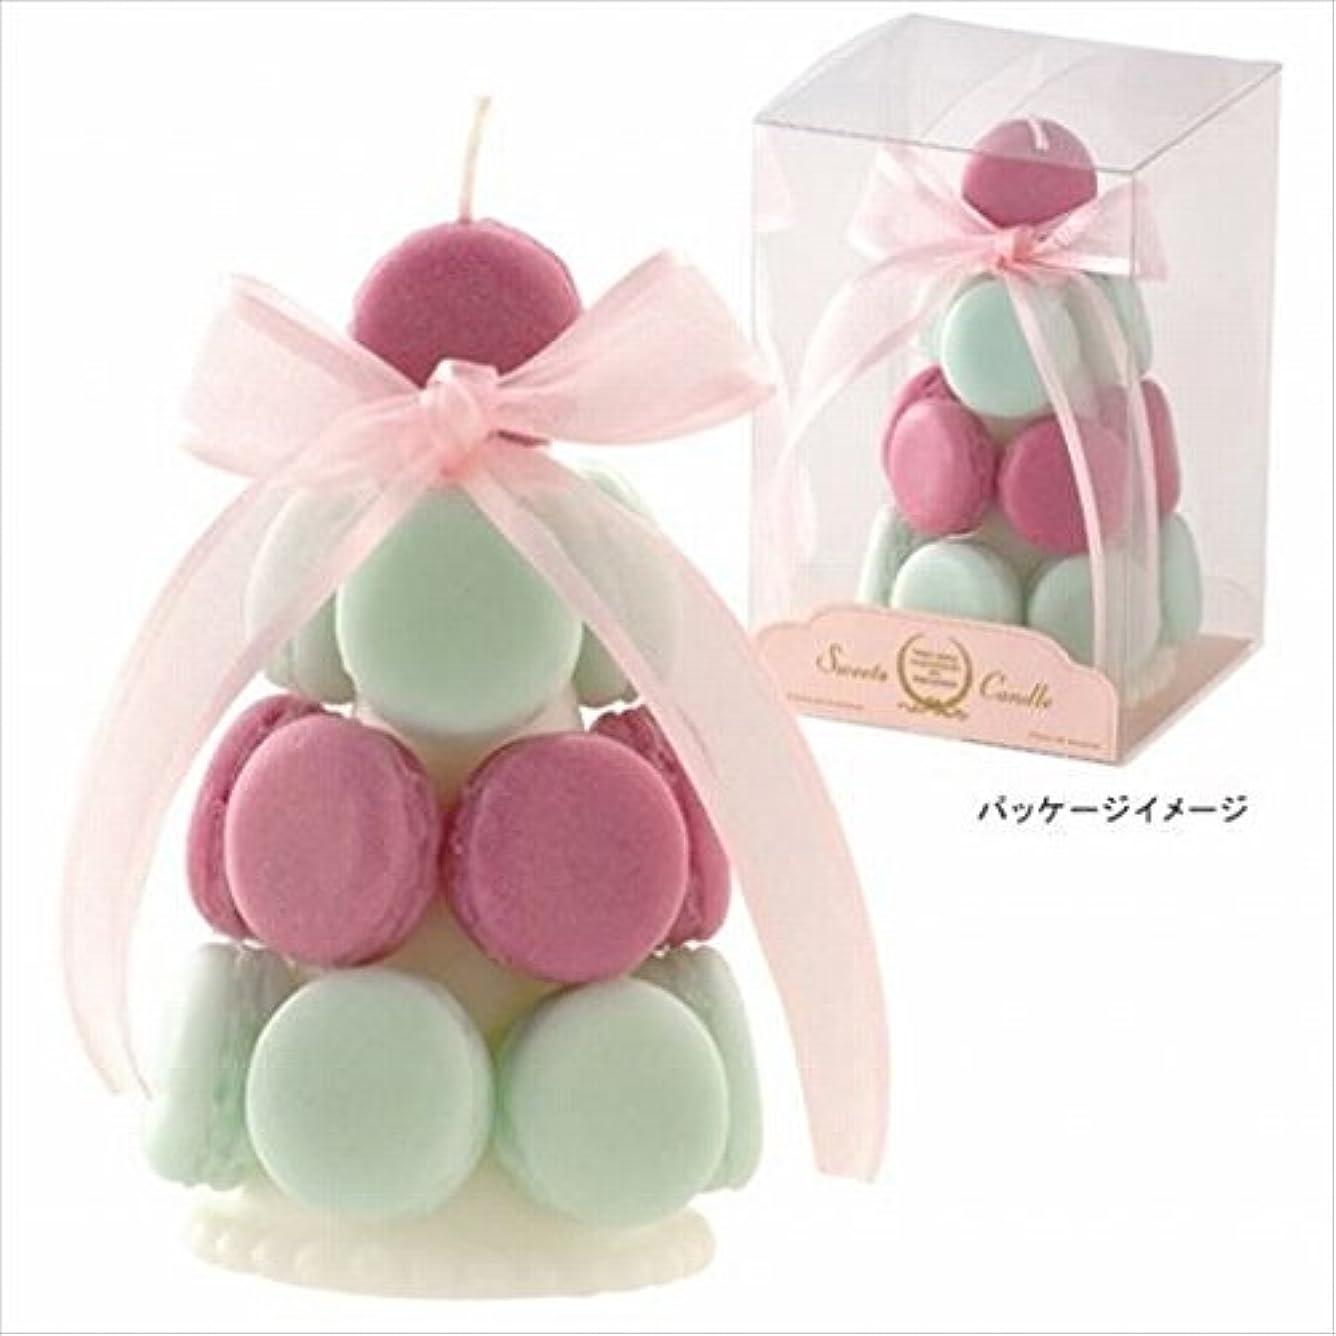 時刻表灰華氏カメヤマキャンドル( kameyama candle ) ハッピーマカロンタワー 「 メロングリーン 」